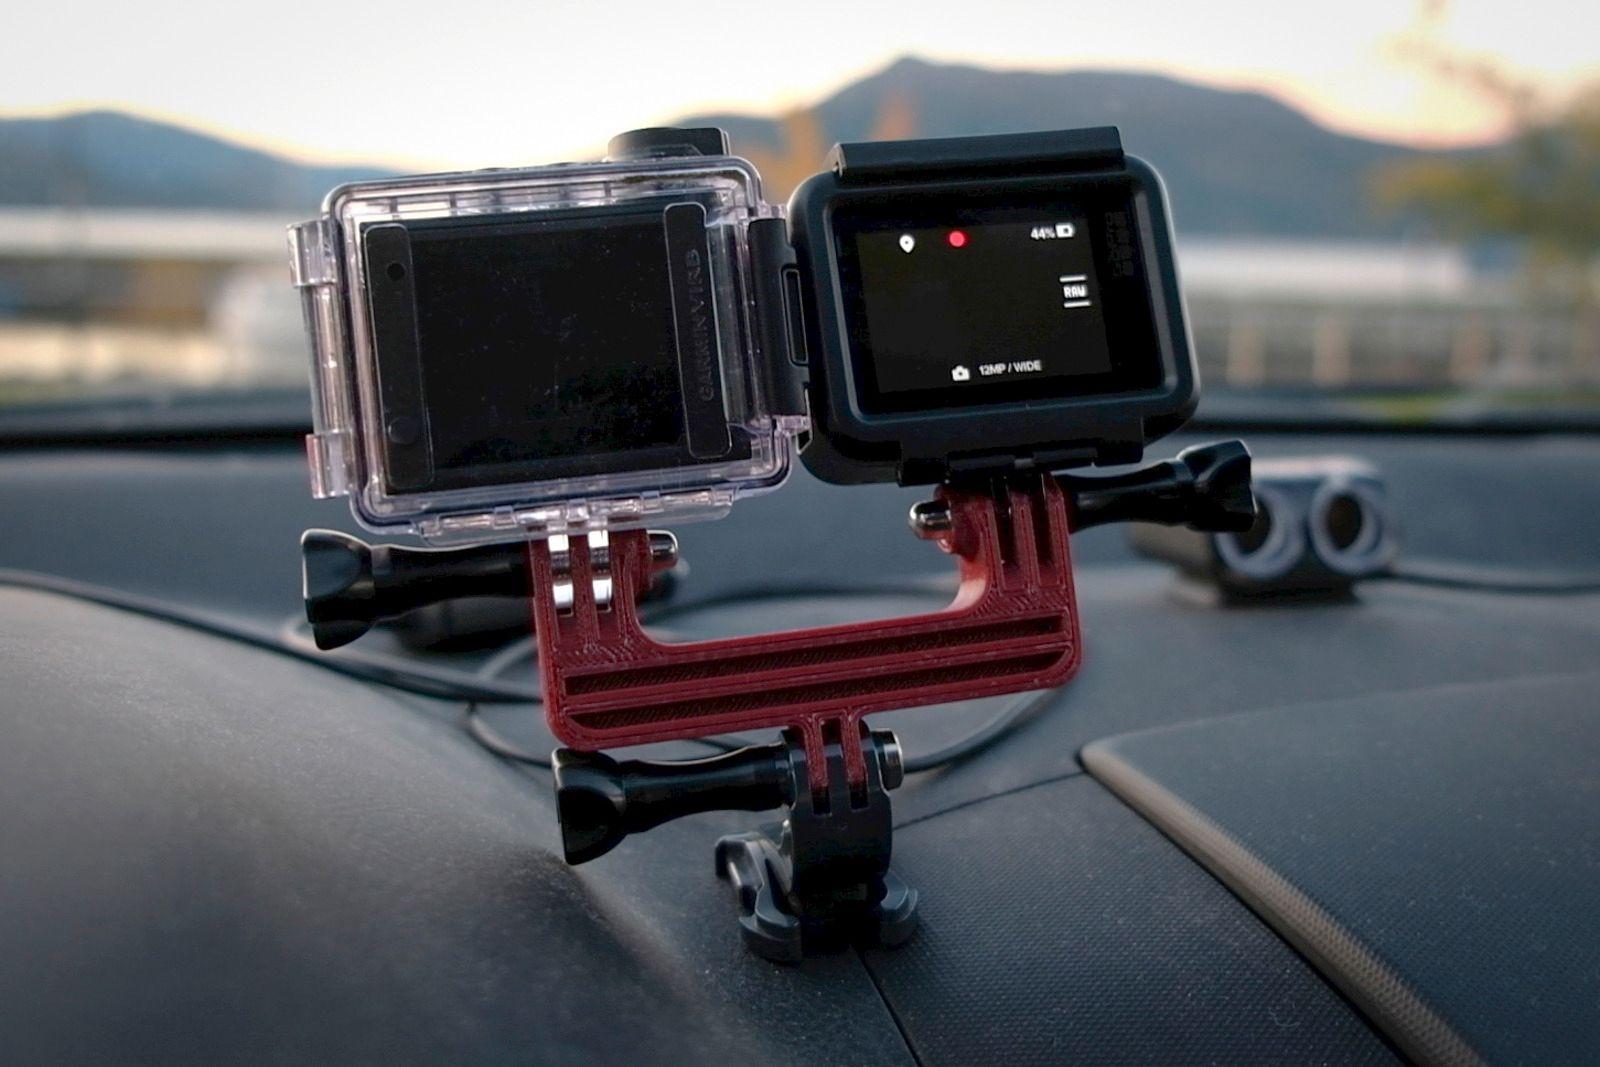 Vi har sammenlignet stemmestyringen med Garmin Virb Ultra 30, og sjekket hvor mye bakgrunnsstøy de tåler fra for eksempel vifteanlegg og radioen i bilen.